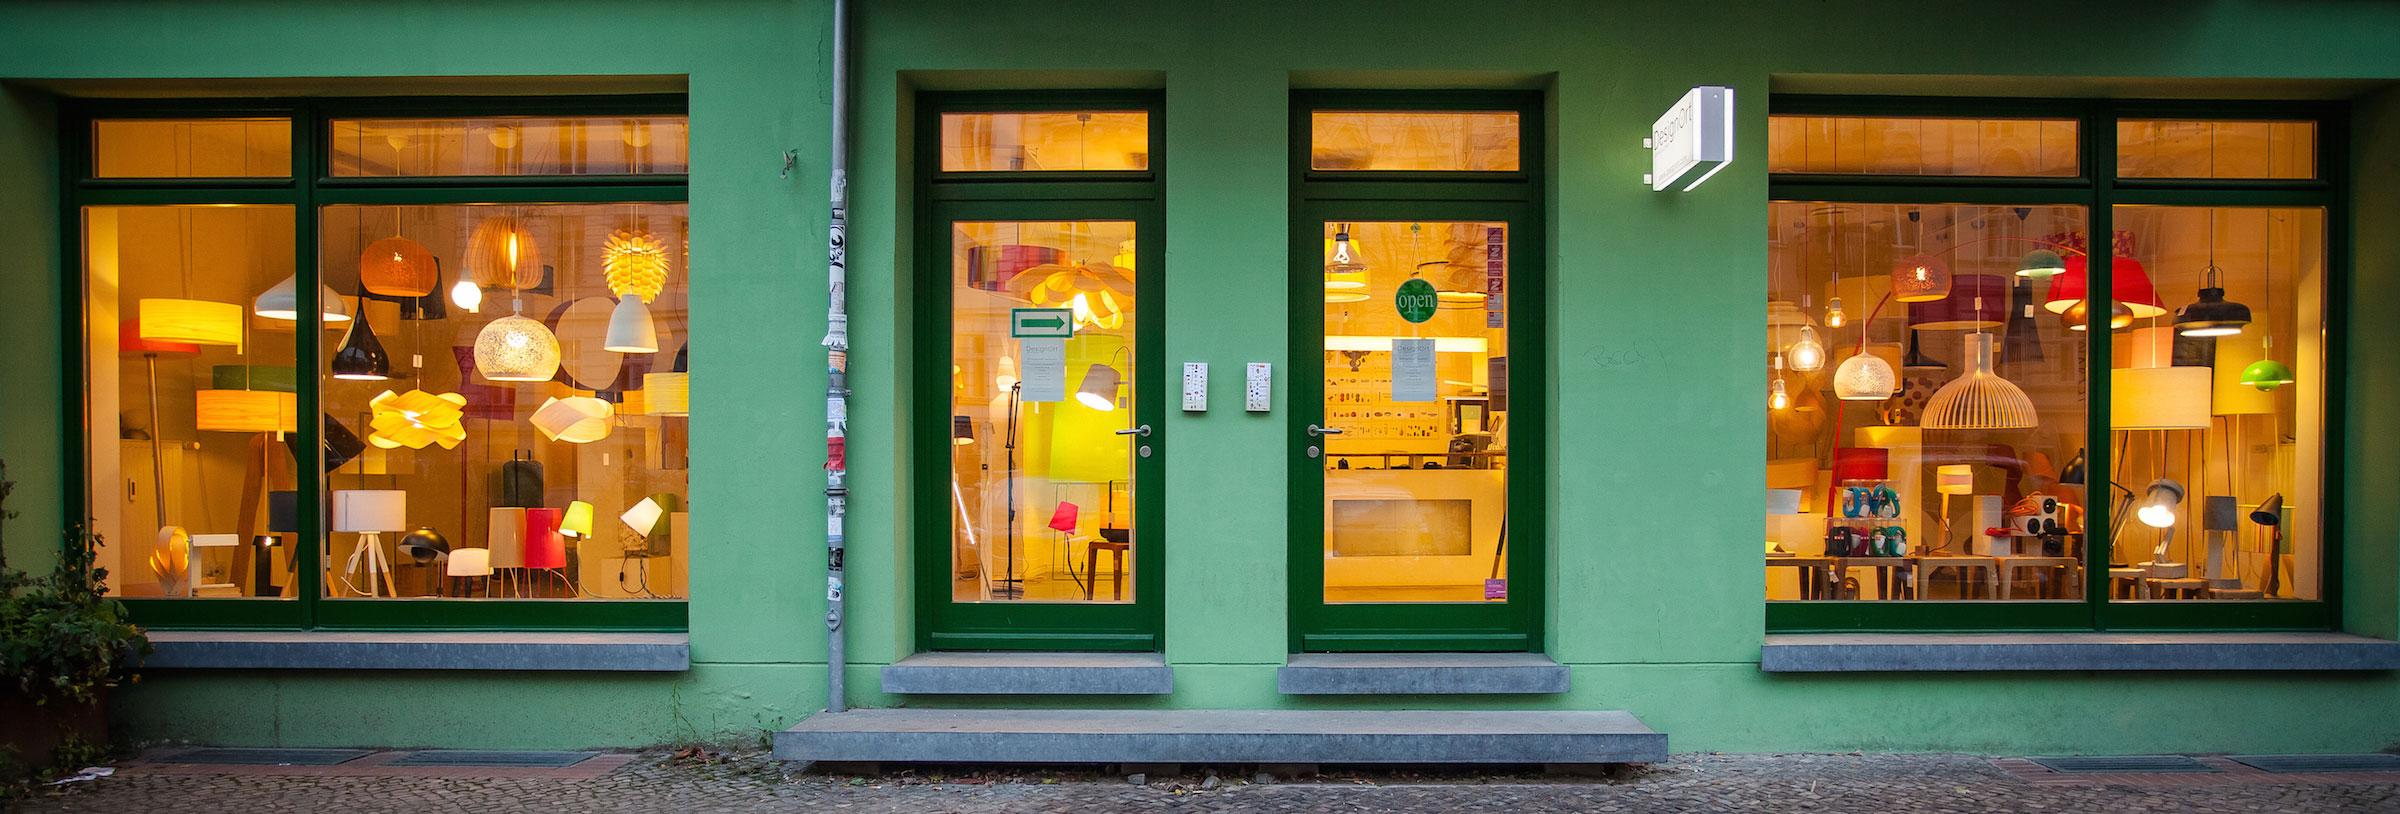 Designort Showroom Berlin